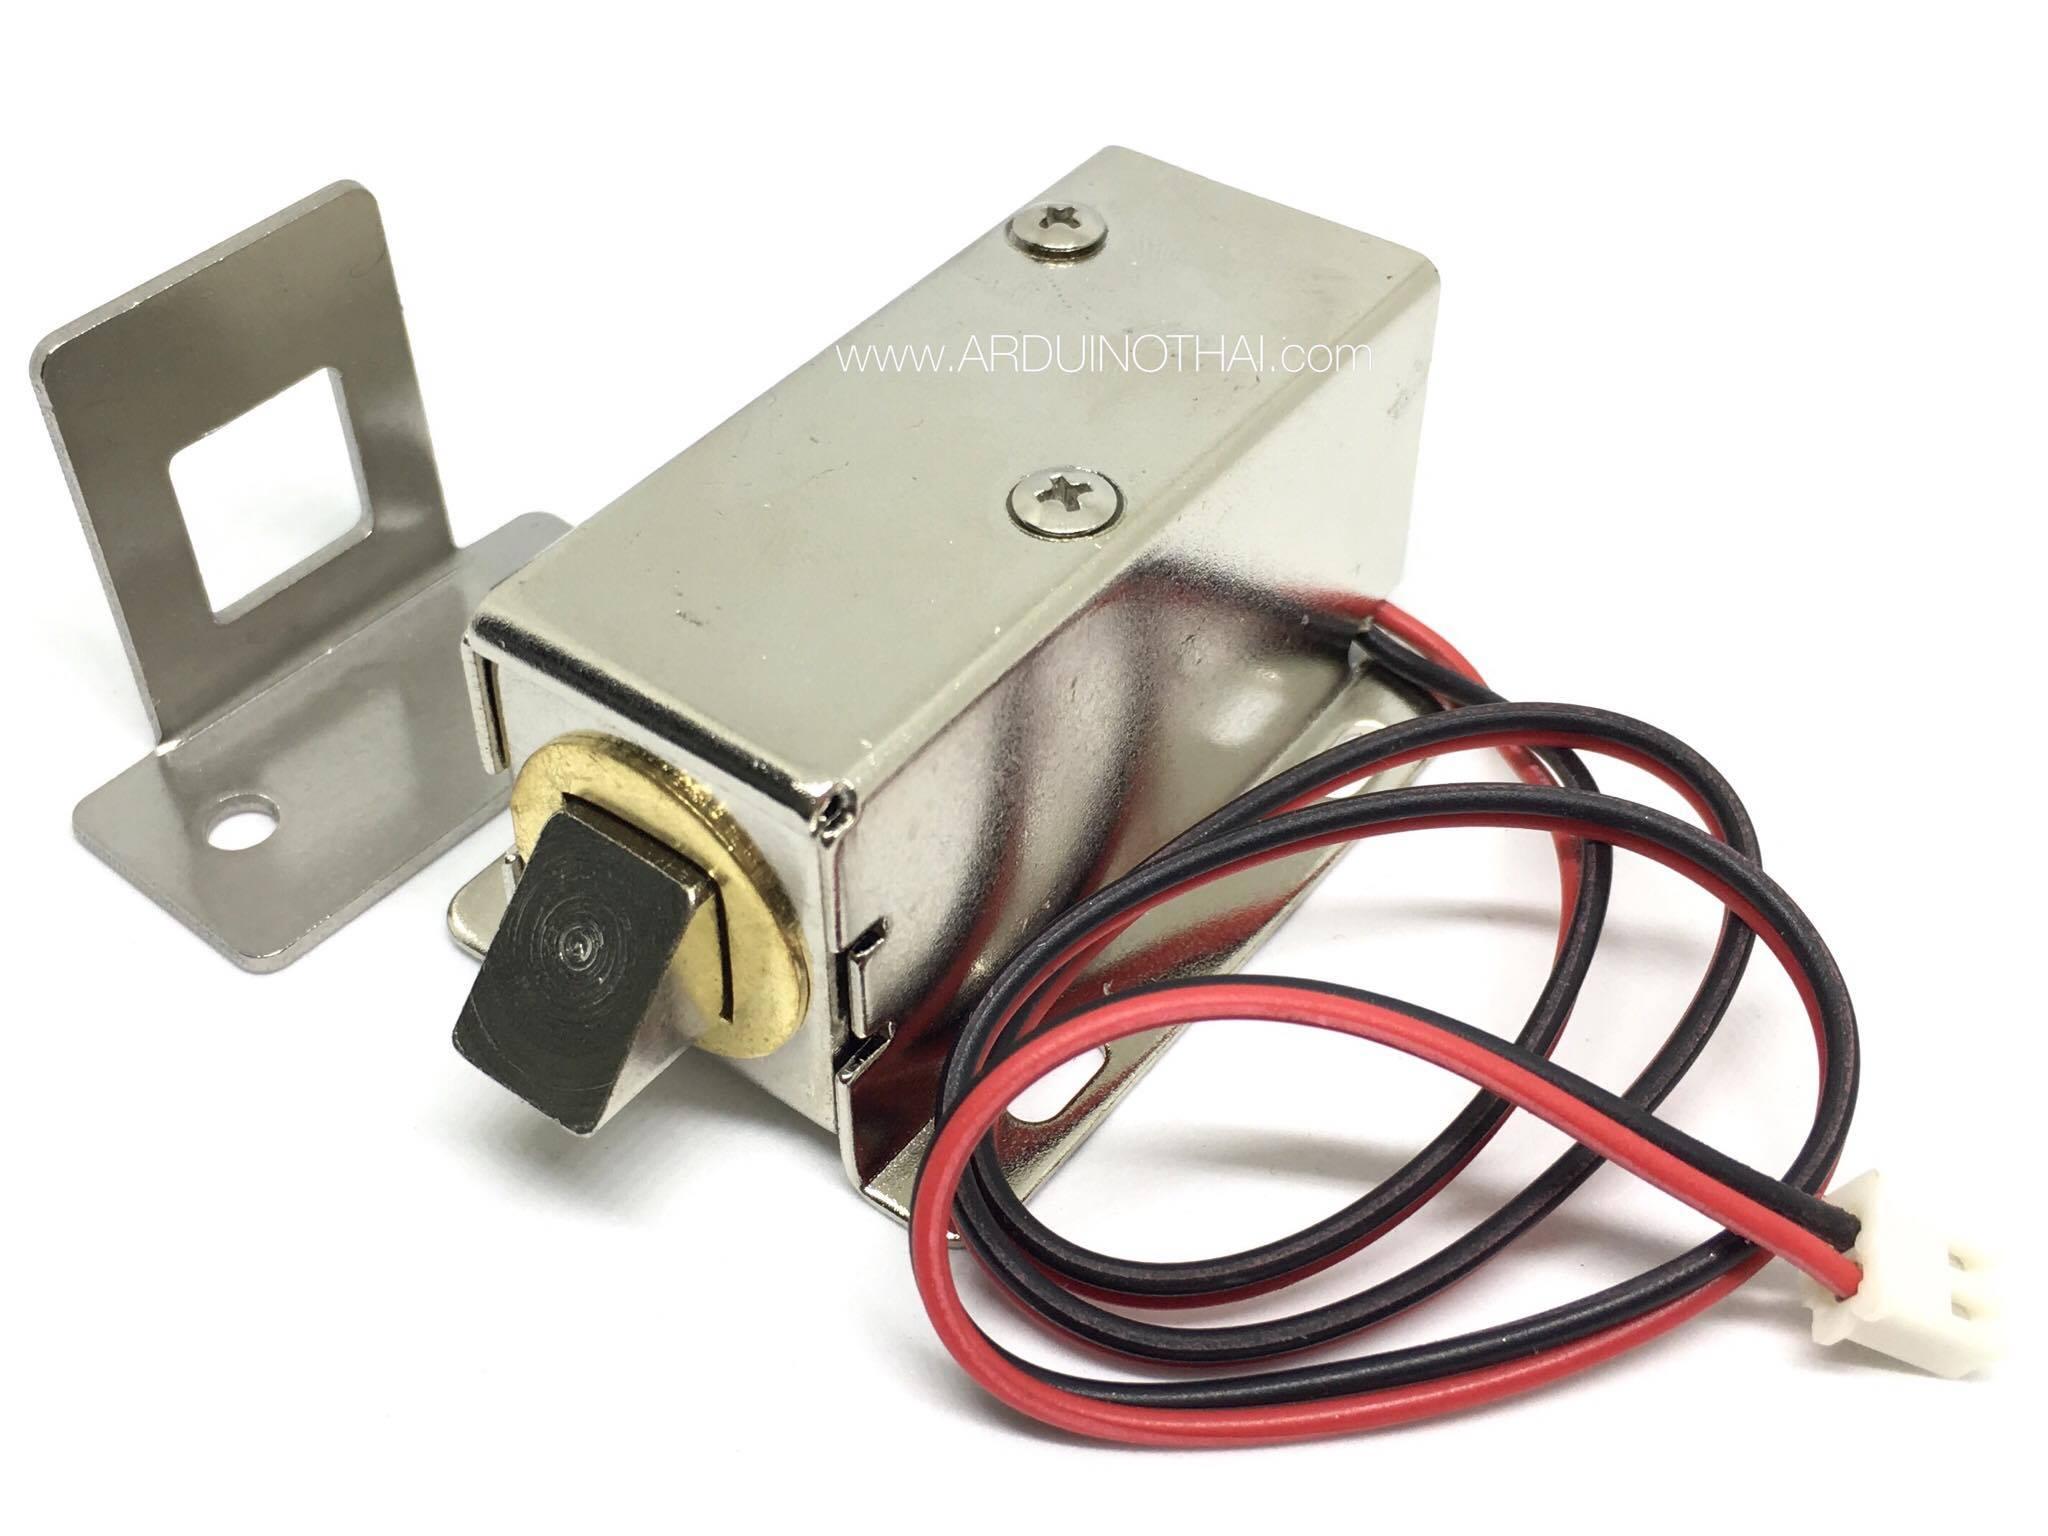 กลอนไฟฟ้า 12V with a lock LY-03